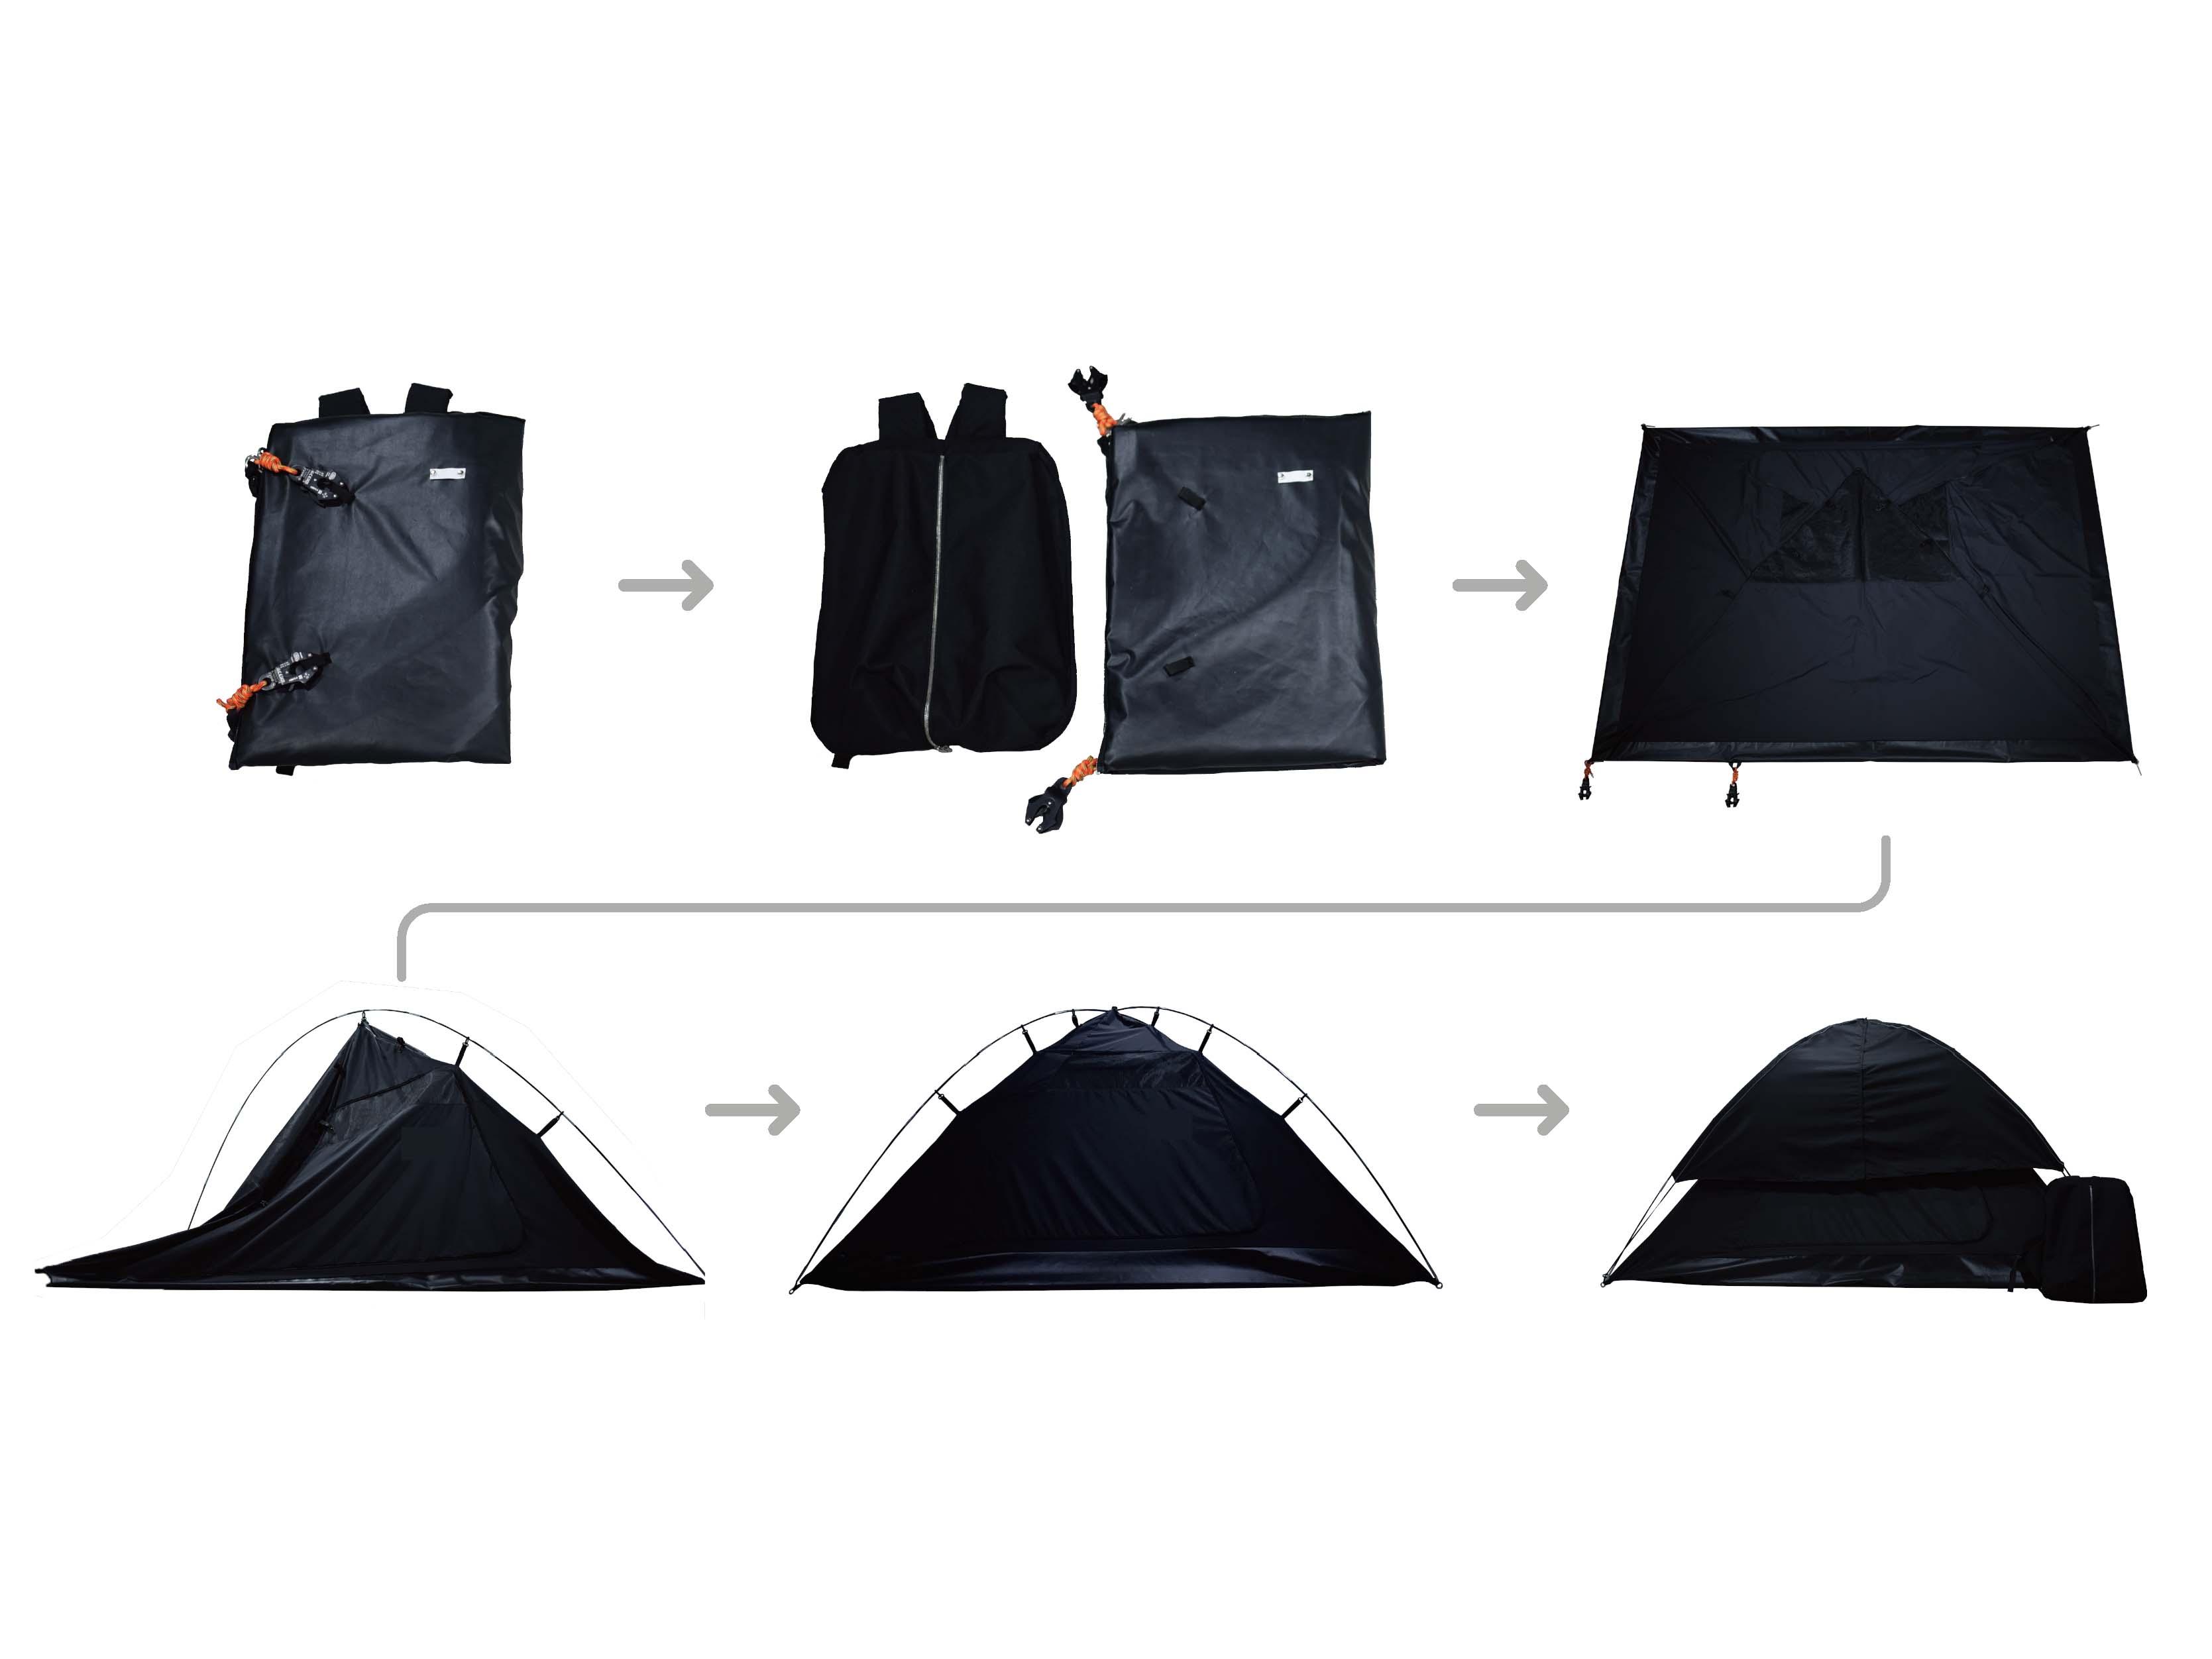 バックパック型変形テント